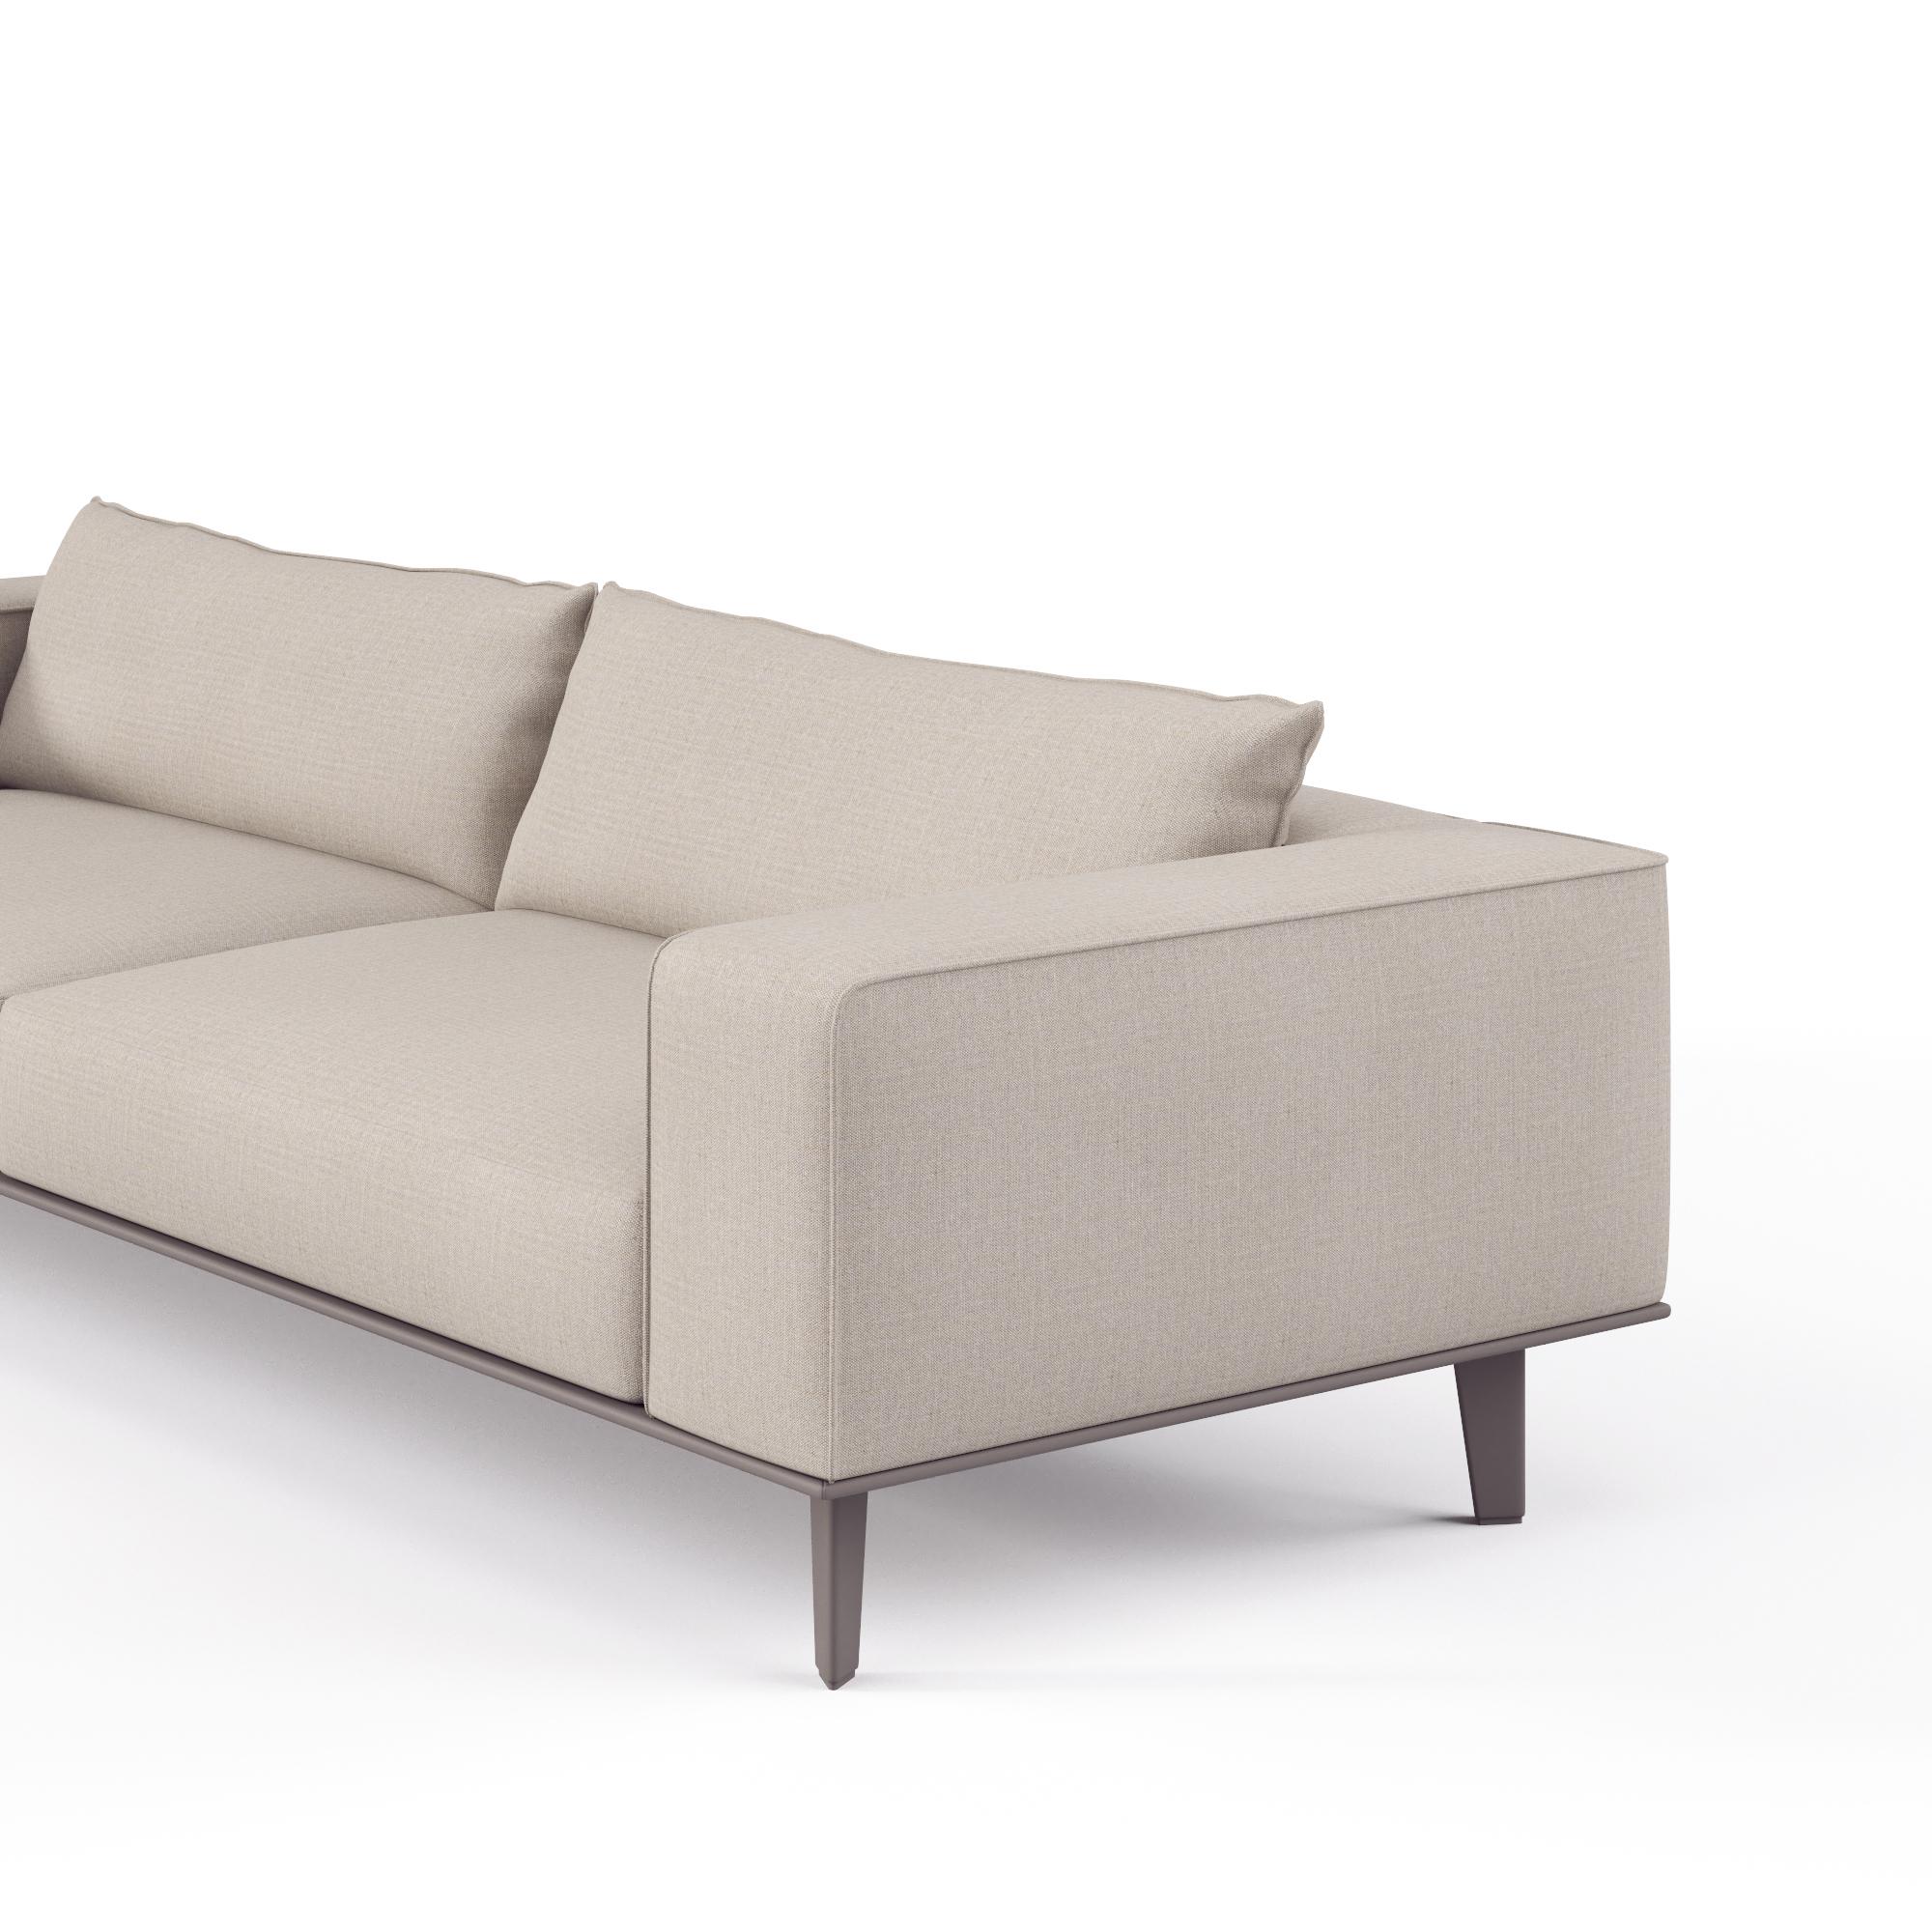 08S_Estel_Comfort&Relax_Sofa_Caresse-En-Vol